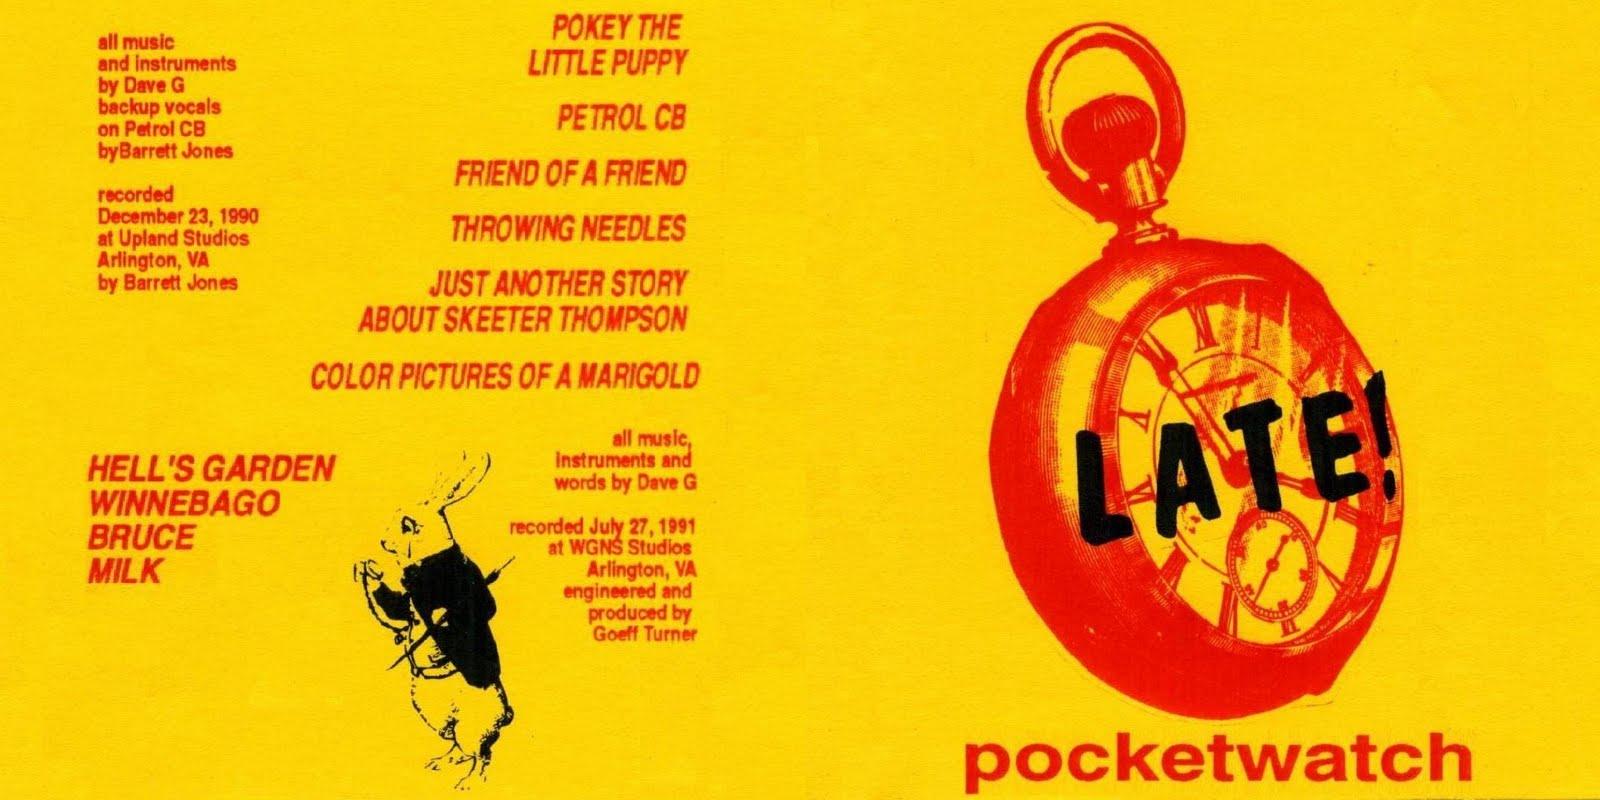 http://3.bp.blogspot.com/-hvX9fwuQBWU/TcVPvbuX0aI/AAAAAAAAE6k/UuIQYSQpZPk/s1600/Cover.JPG